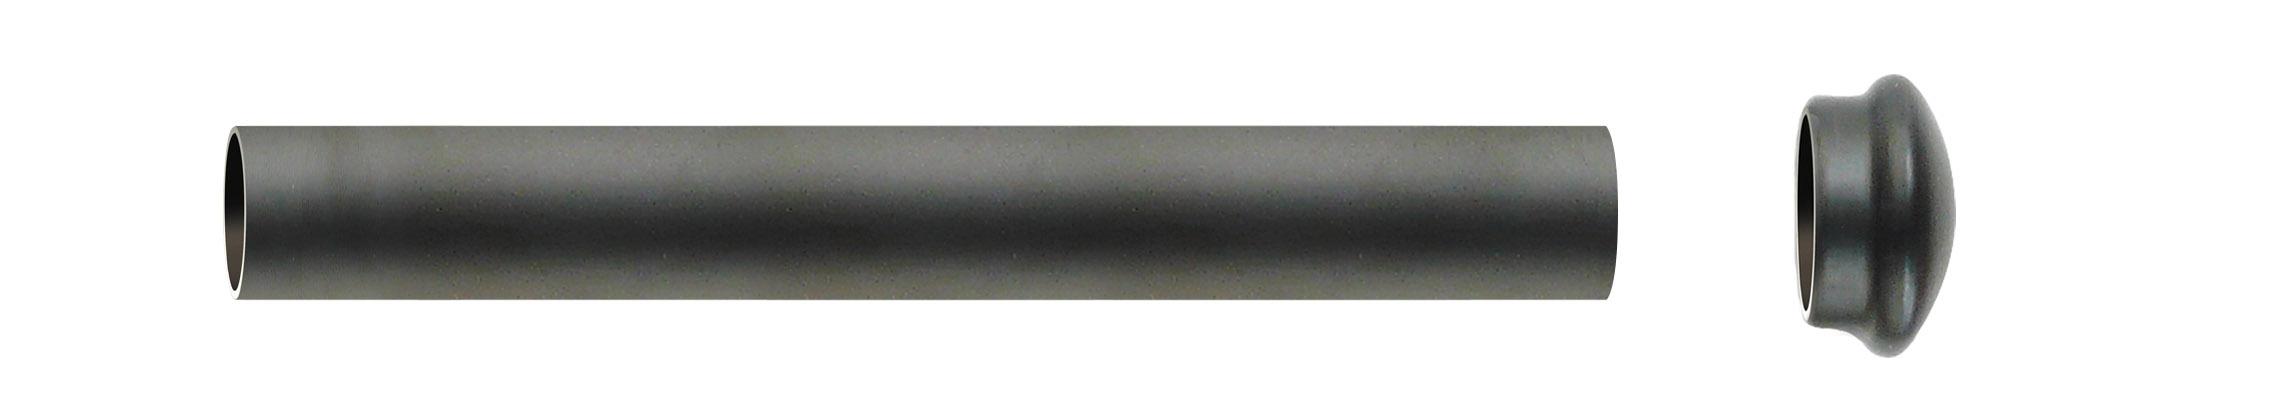 Tube nu en Fer Forgé Noir 1 m 50 (Noir)